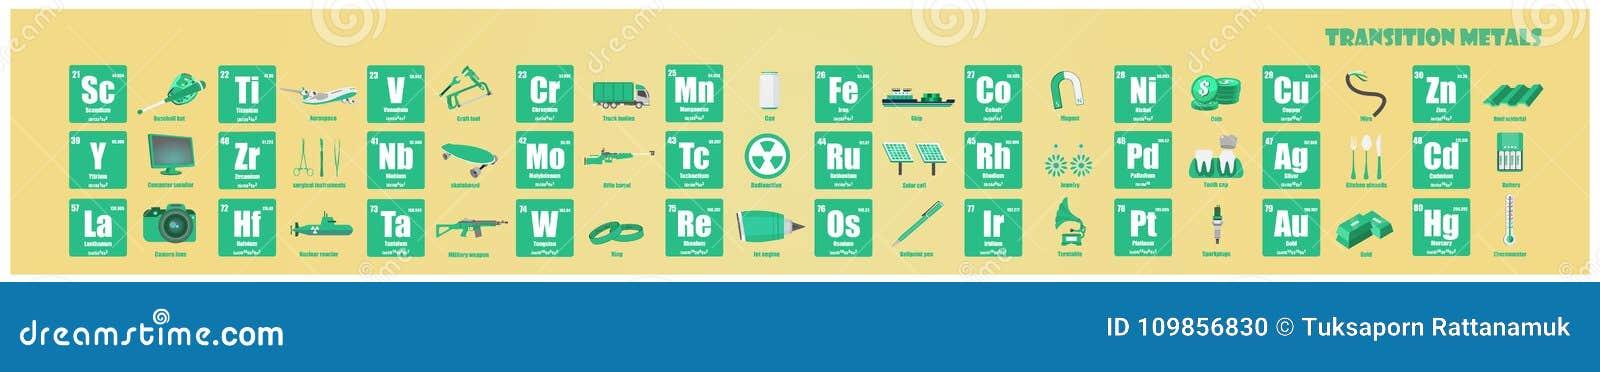 tabla peridica de metal de transicin del elemento - Tabla Periodica Metales Transicion